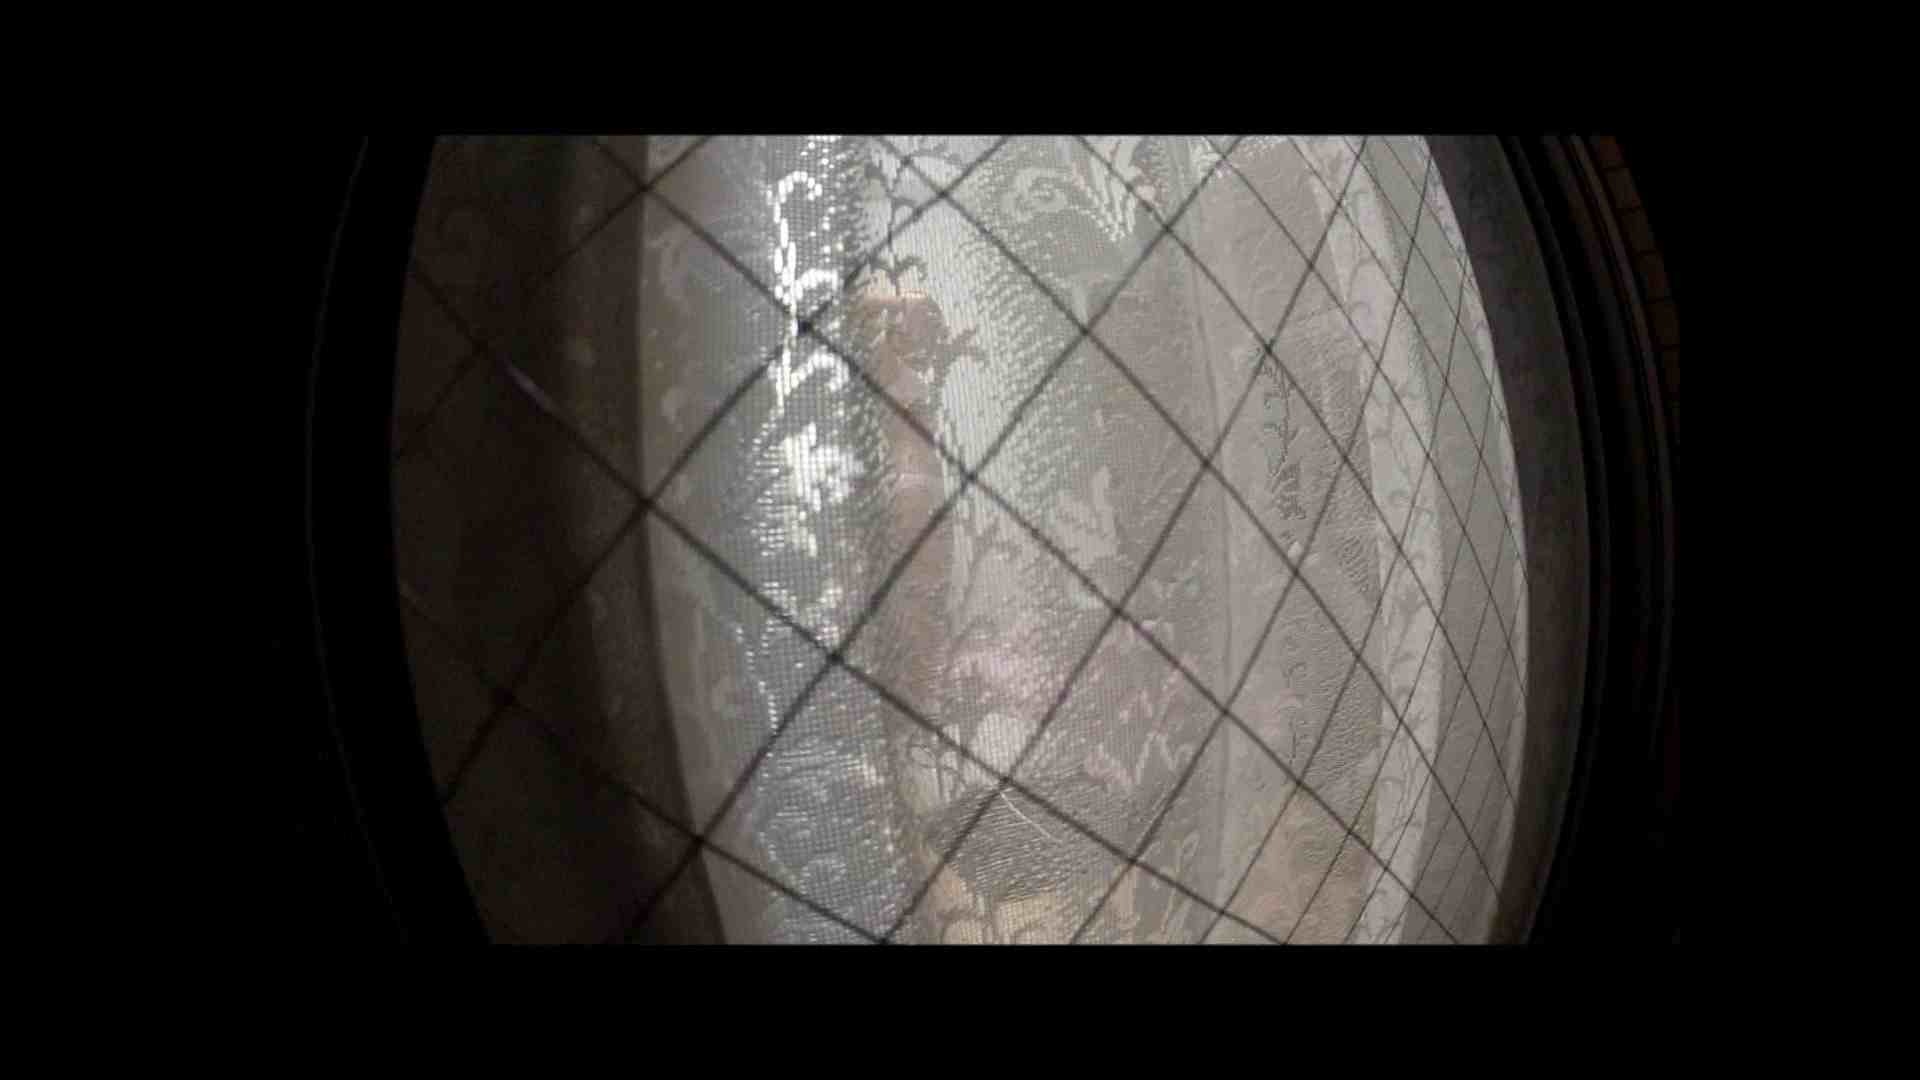 【04】別の日・・・魚眼レンズで広角に撮れました。 マンコ満開 えろ無修正画像 80PIX 6